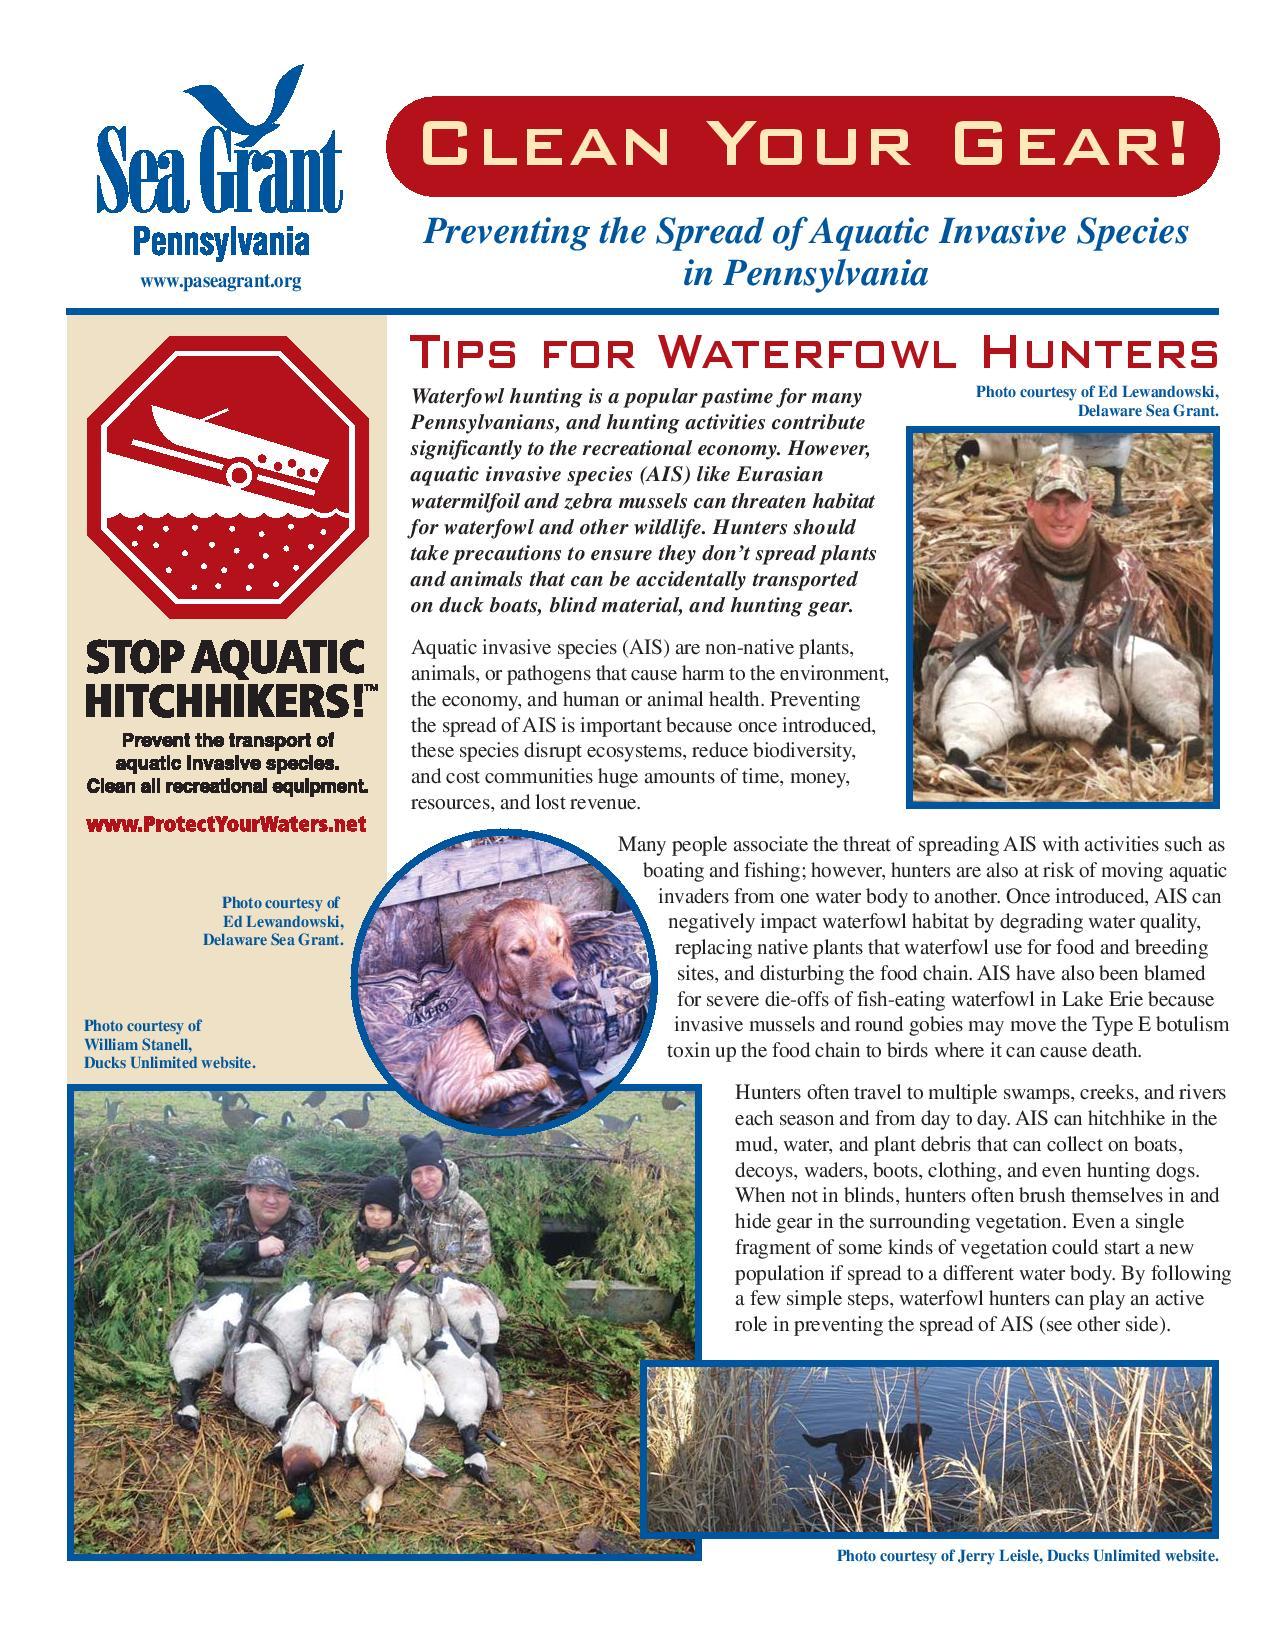 Waterfowl hunter factsheet